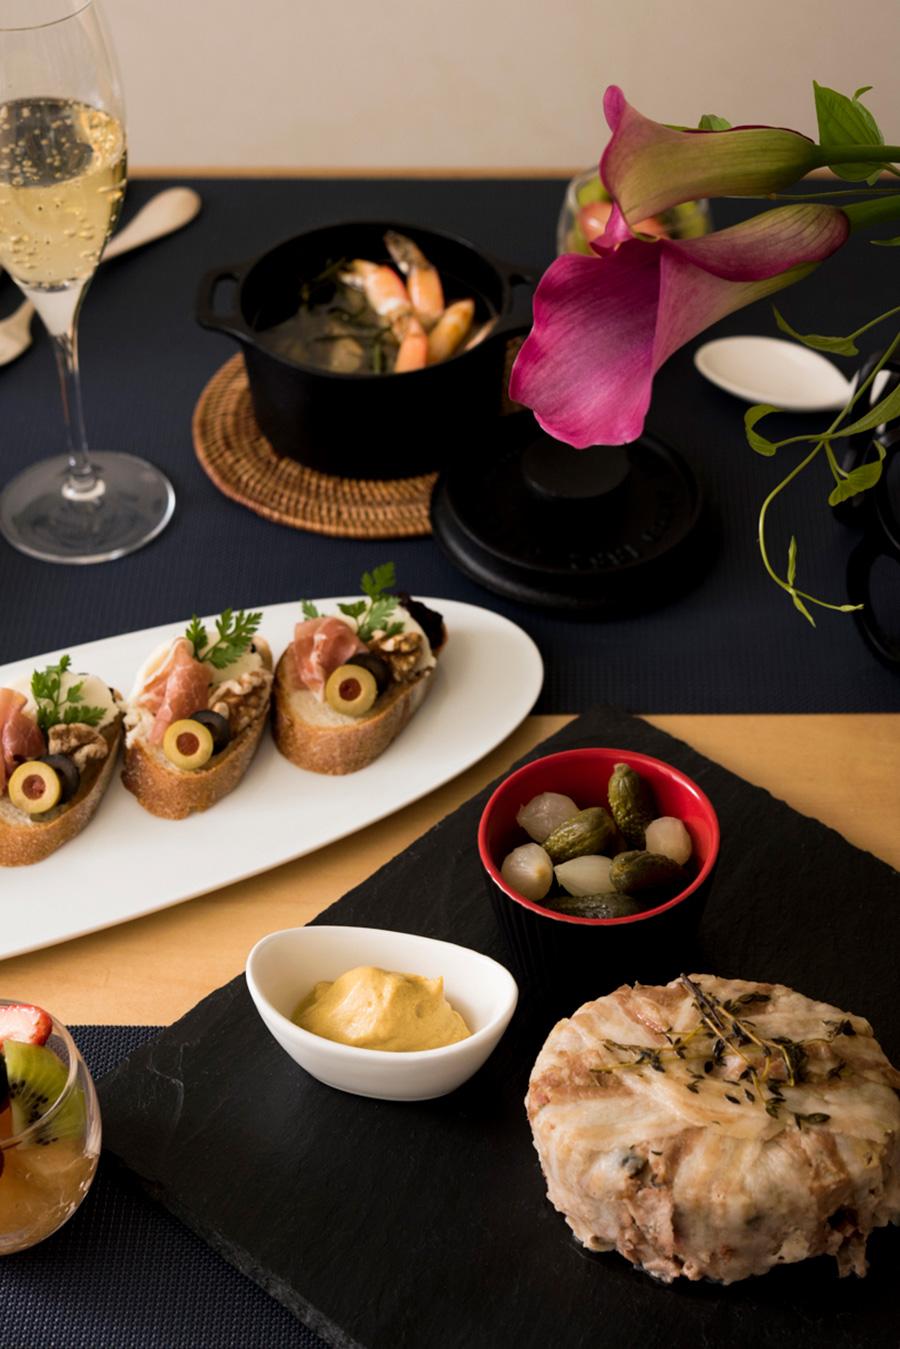 今回のメニューはパテ・ド・カンパーニュ、エビのアヒージョ、オープンサンド、チーズアラカルト、フルーツカクテル。シャンパンから白ワイン、赤ワインにも合うように、魚、肉を取り入れて構成。